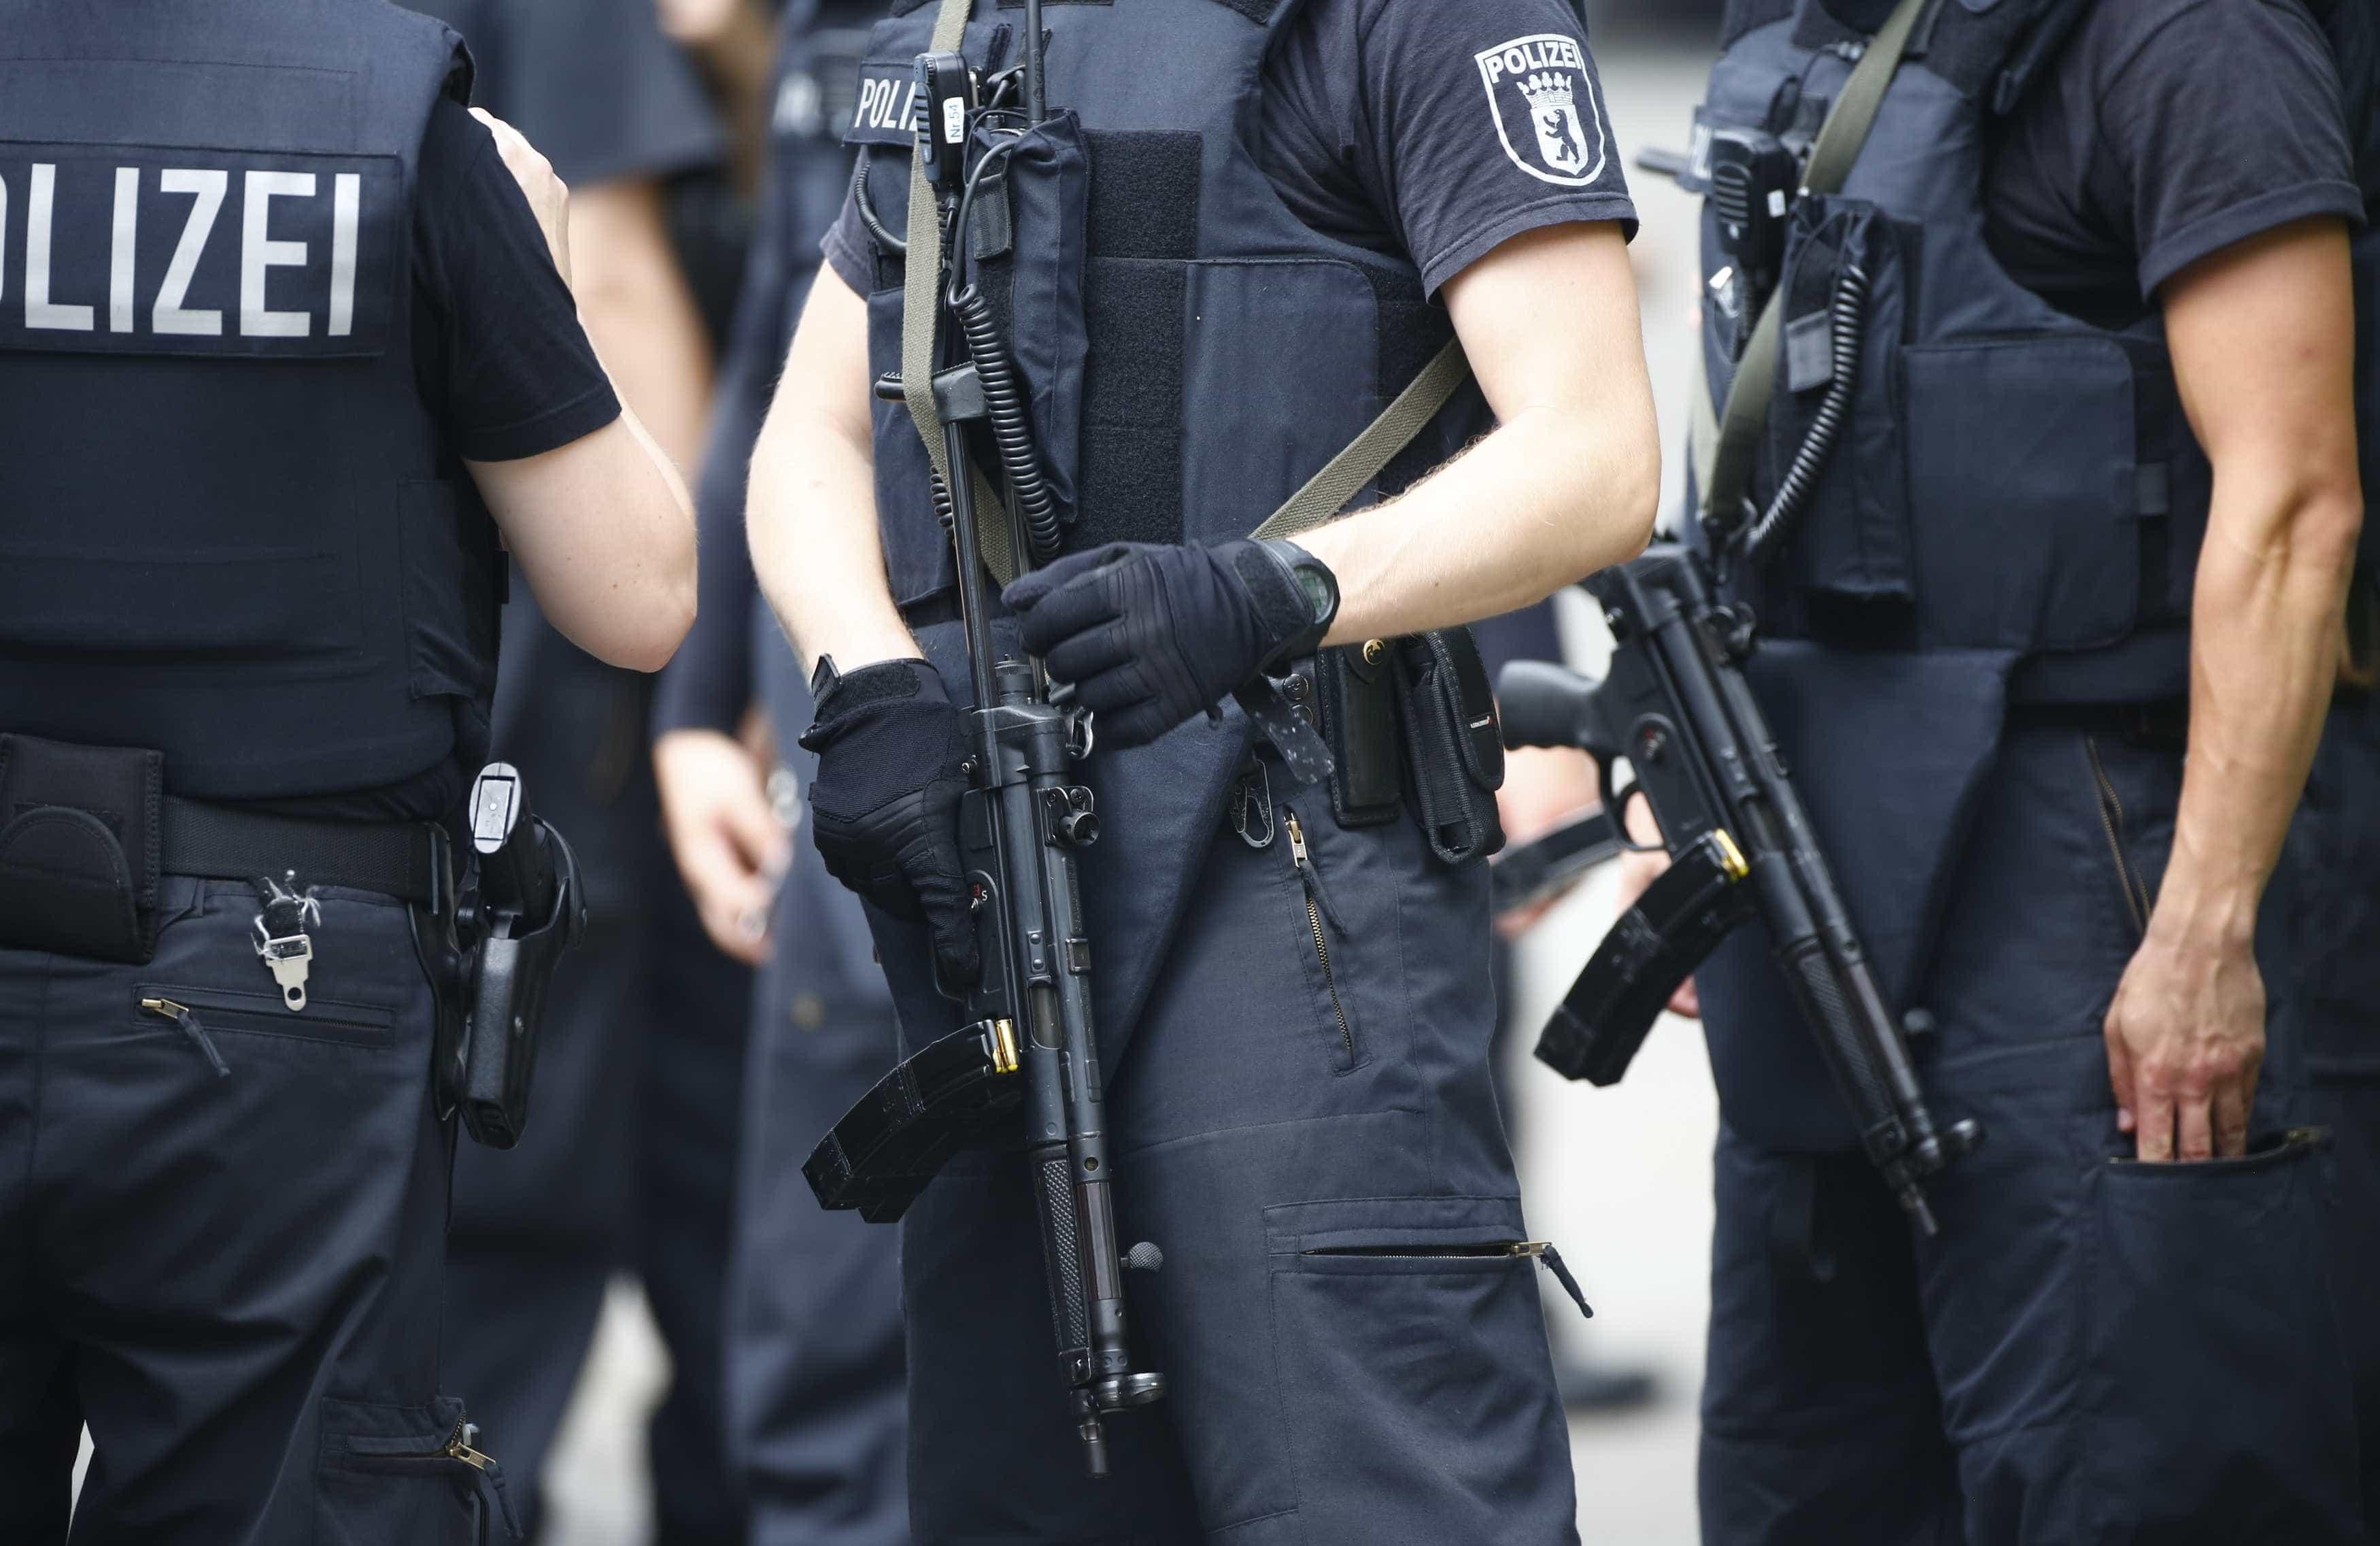 Três detidos na Alemanha por suspeita de prepararem atentado